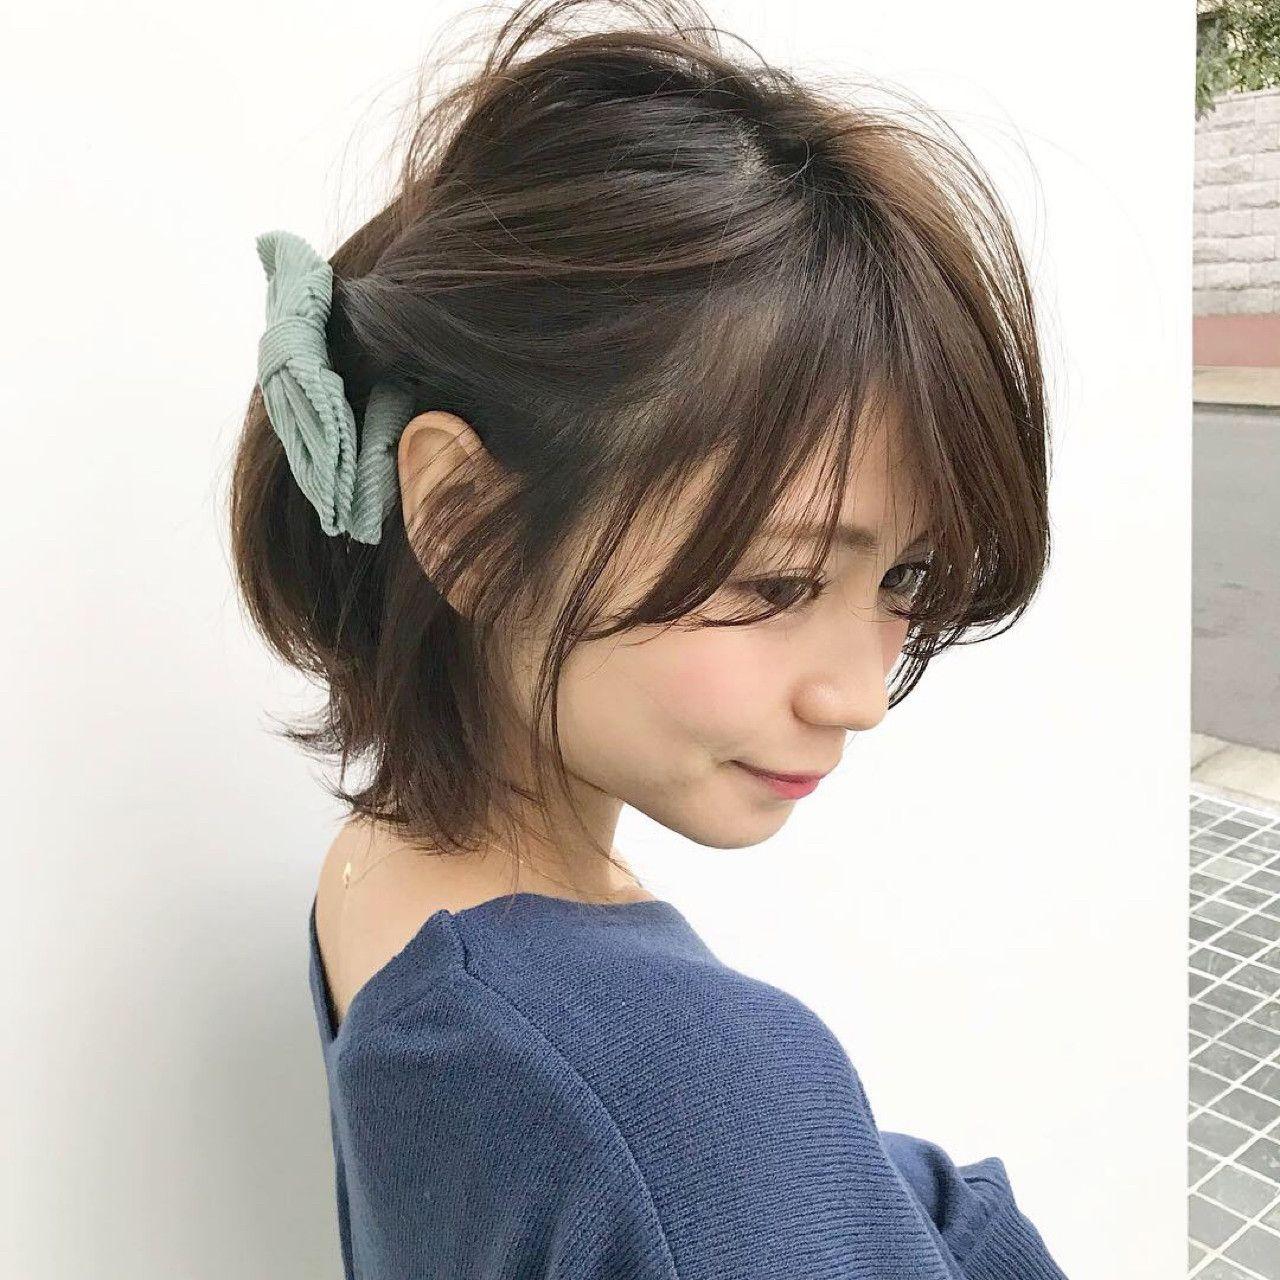 Hair 増永 剛大 Un Amiさんのヘアスタイルスナップ Id 420763